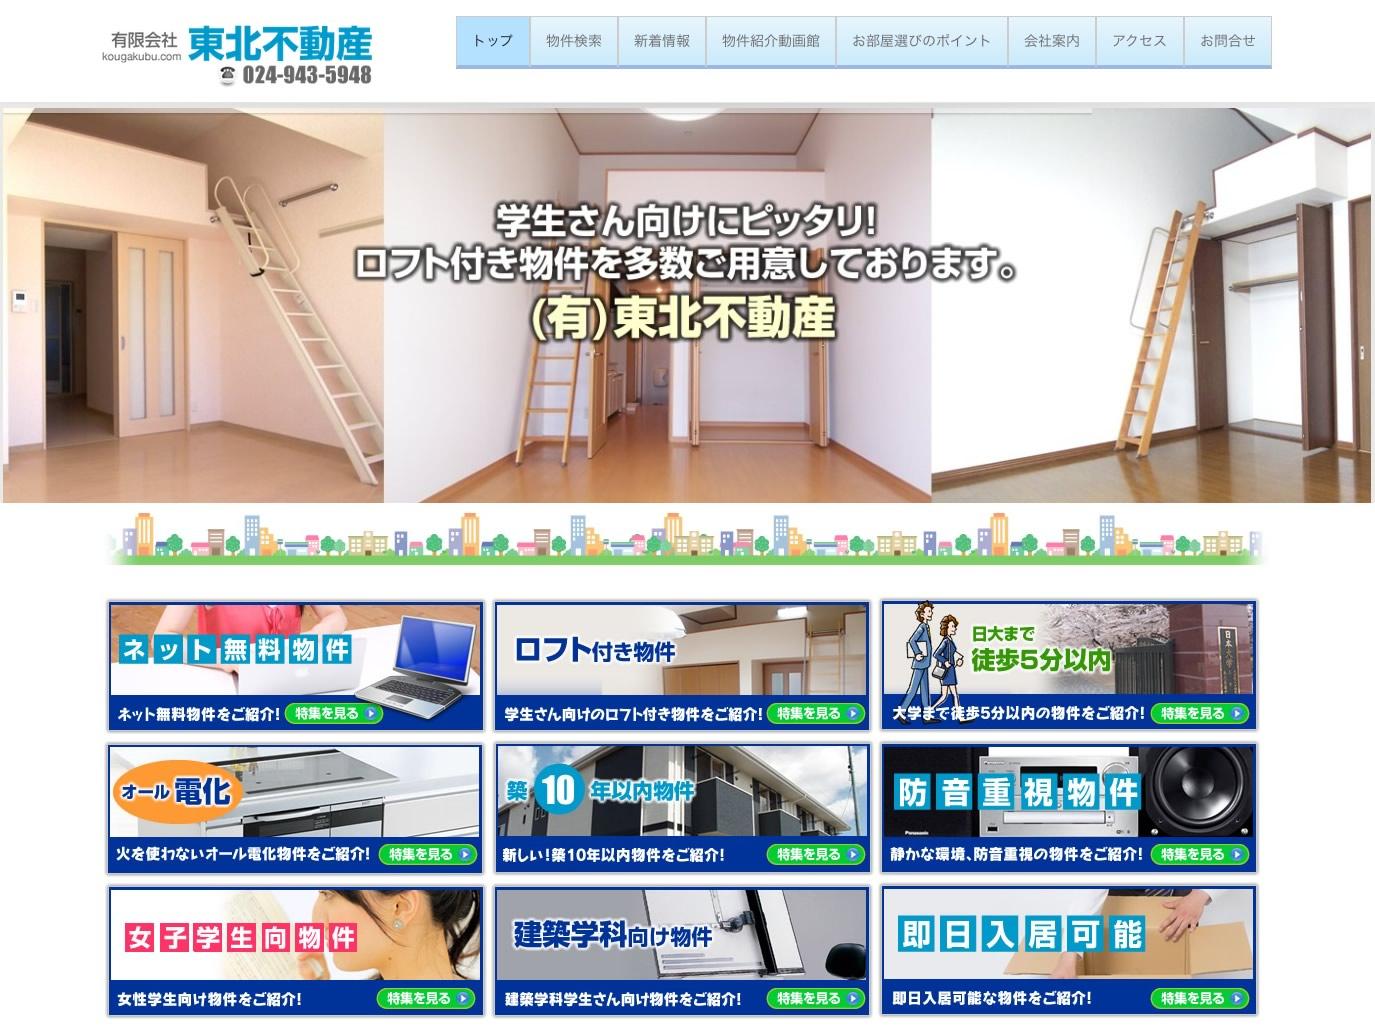 有限会社 東北不動産様Webサイト作成